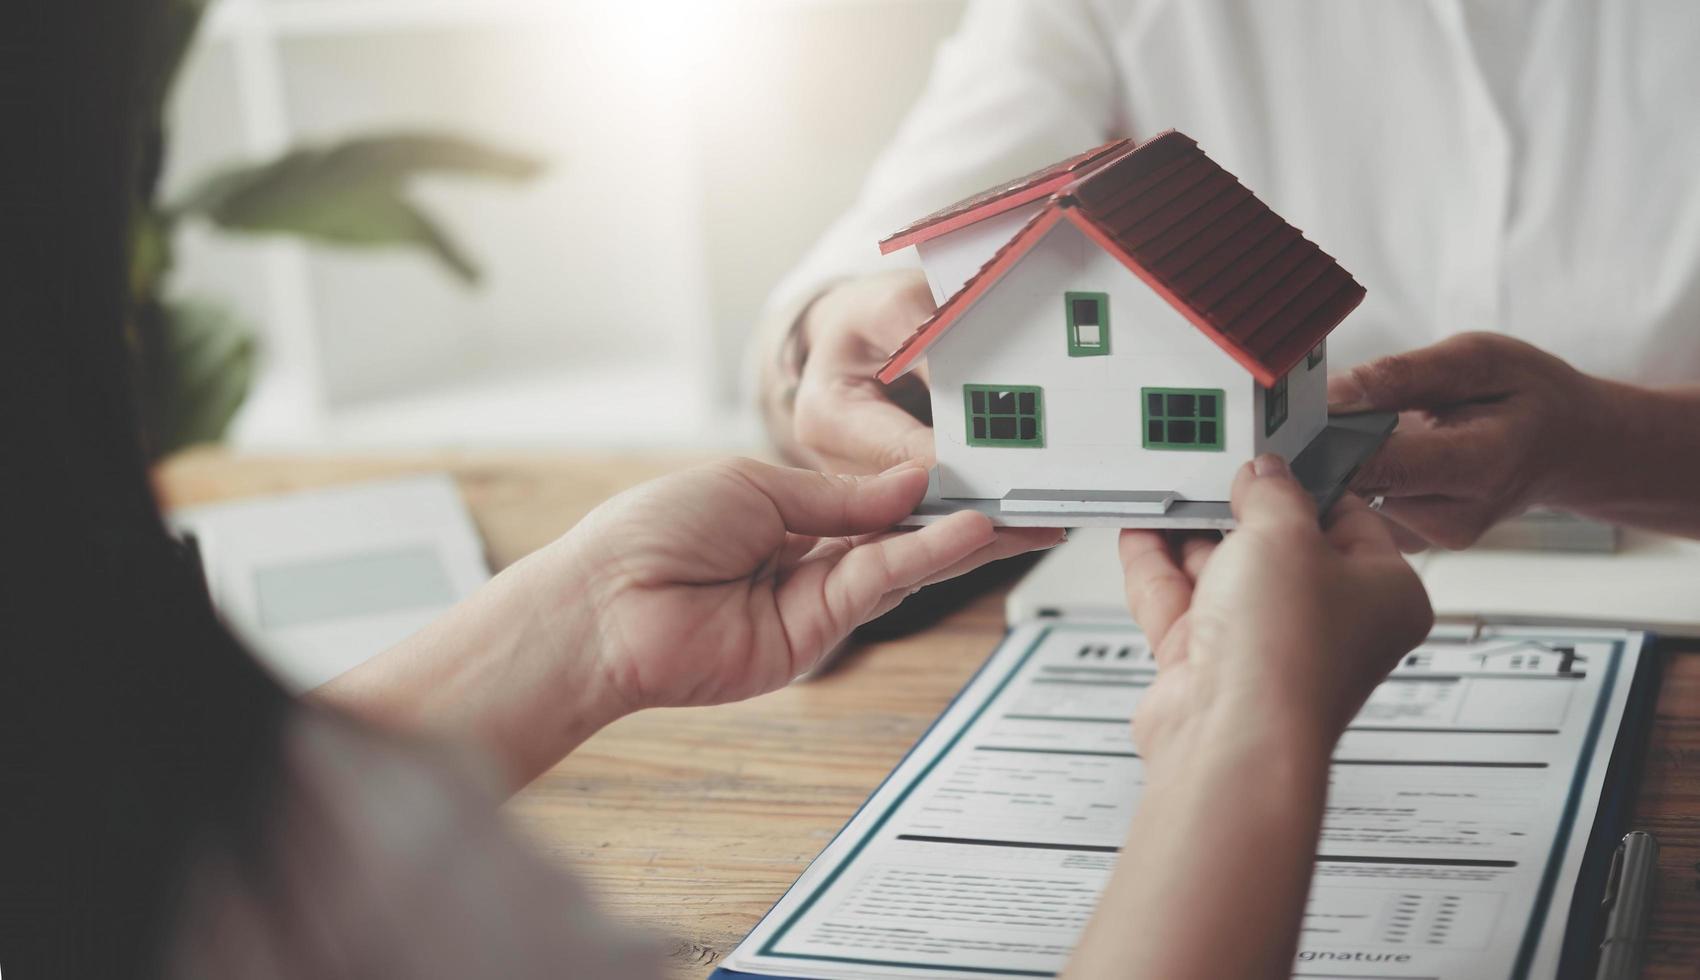 courtier immobilier a donné la maison aux clients qui ont acheté la maison avec assurance, négociant l'achat-vente et le concept de planification d'investissement. photo